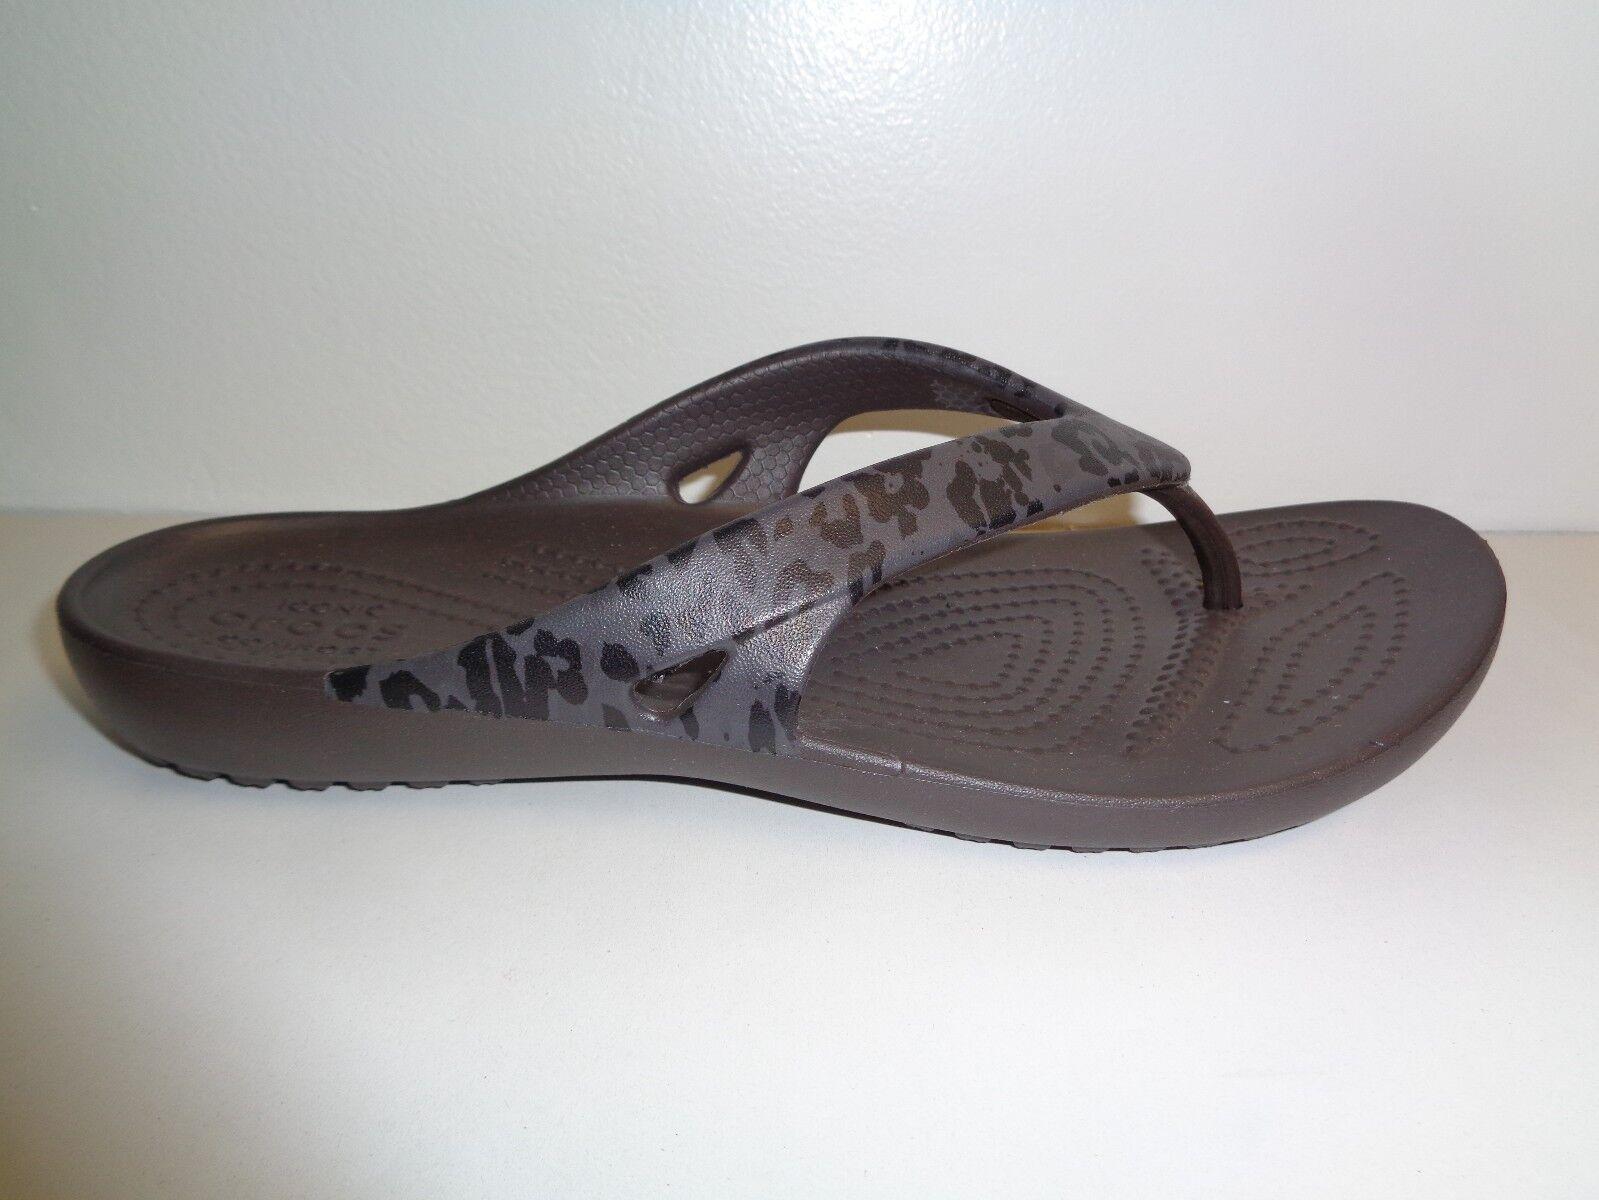 b57c06ba395b Crocs Size 6 Kadee II Leopard Print Flip Flops Espresso Sandals ...